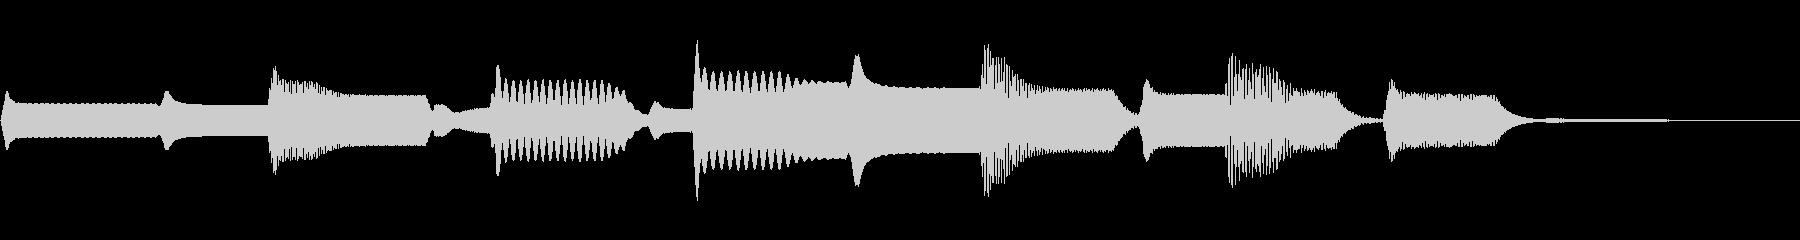 ビープスボンクスボインズ2の未再生の波形